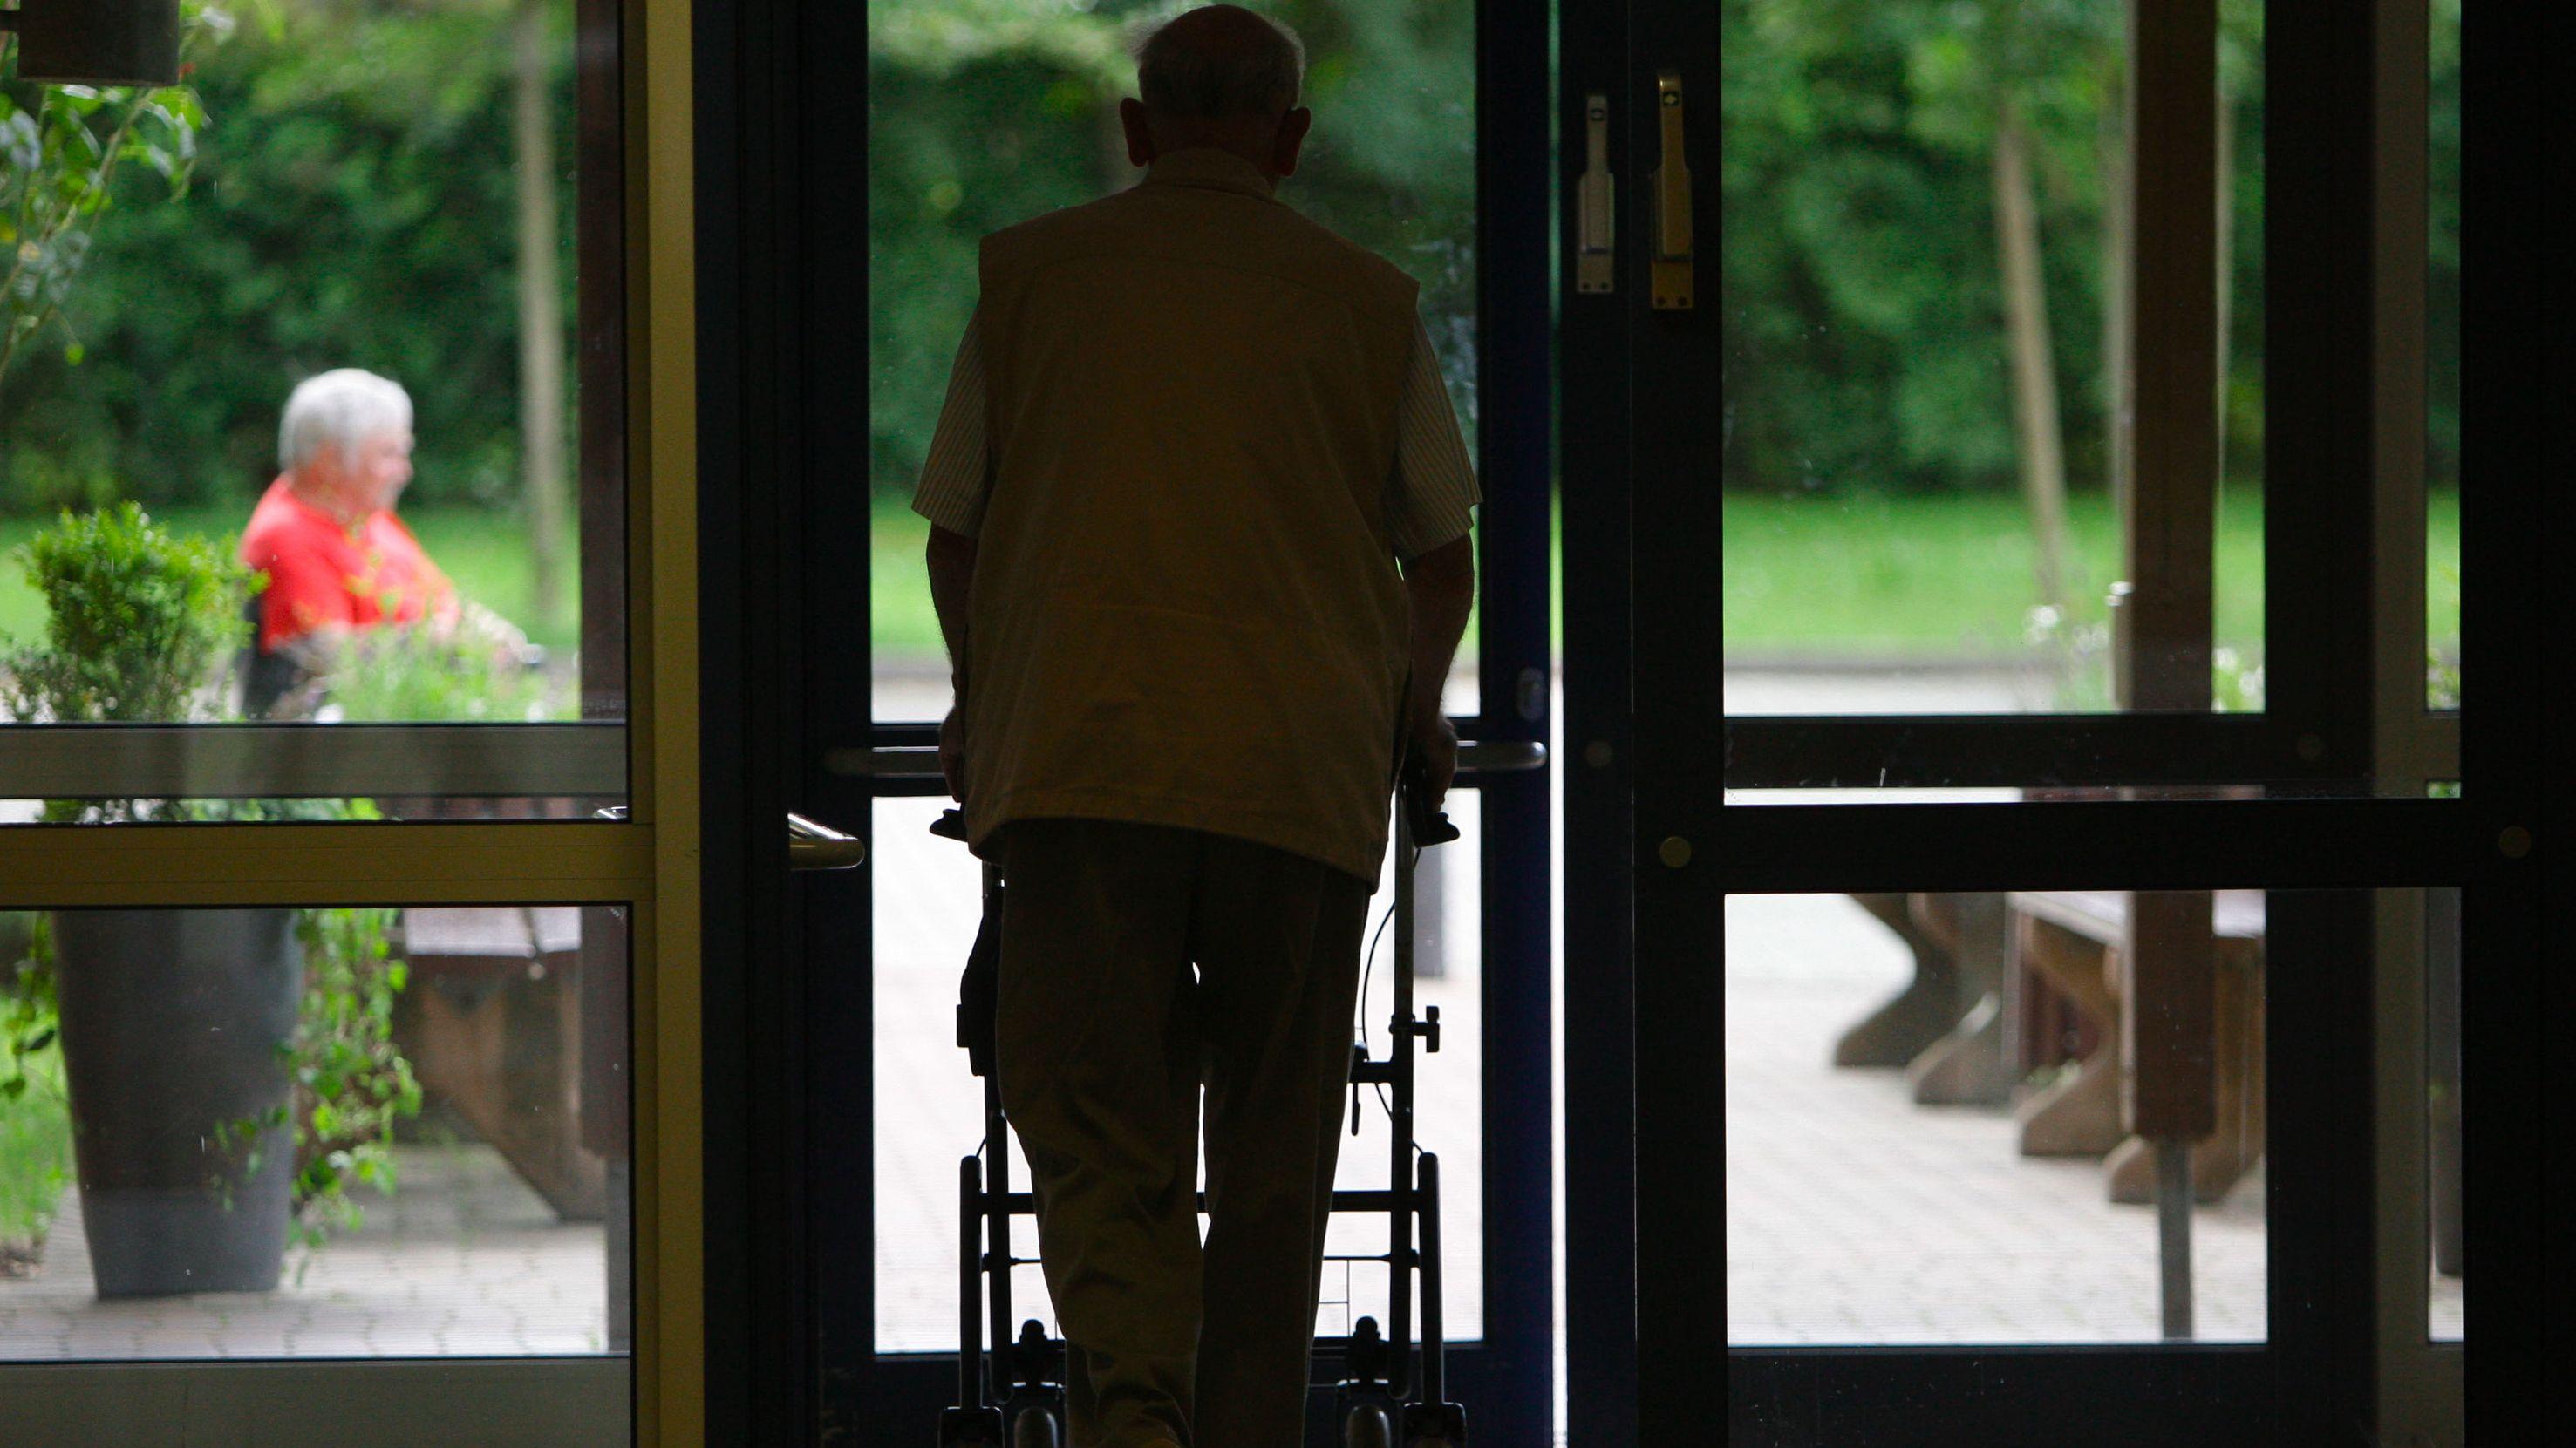 Ein Senior geht mit einer Gehilfe durch eine Tür in einem Altenheim